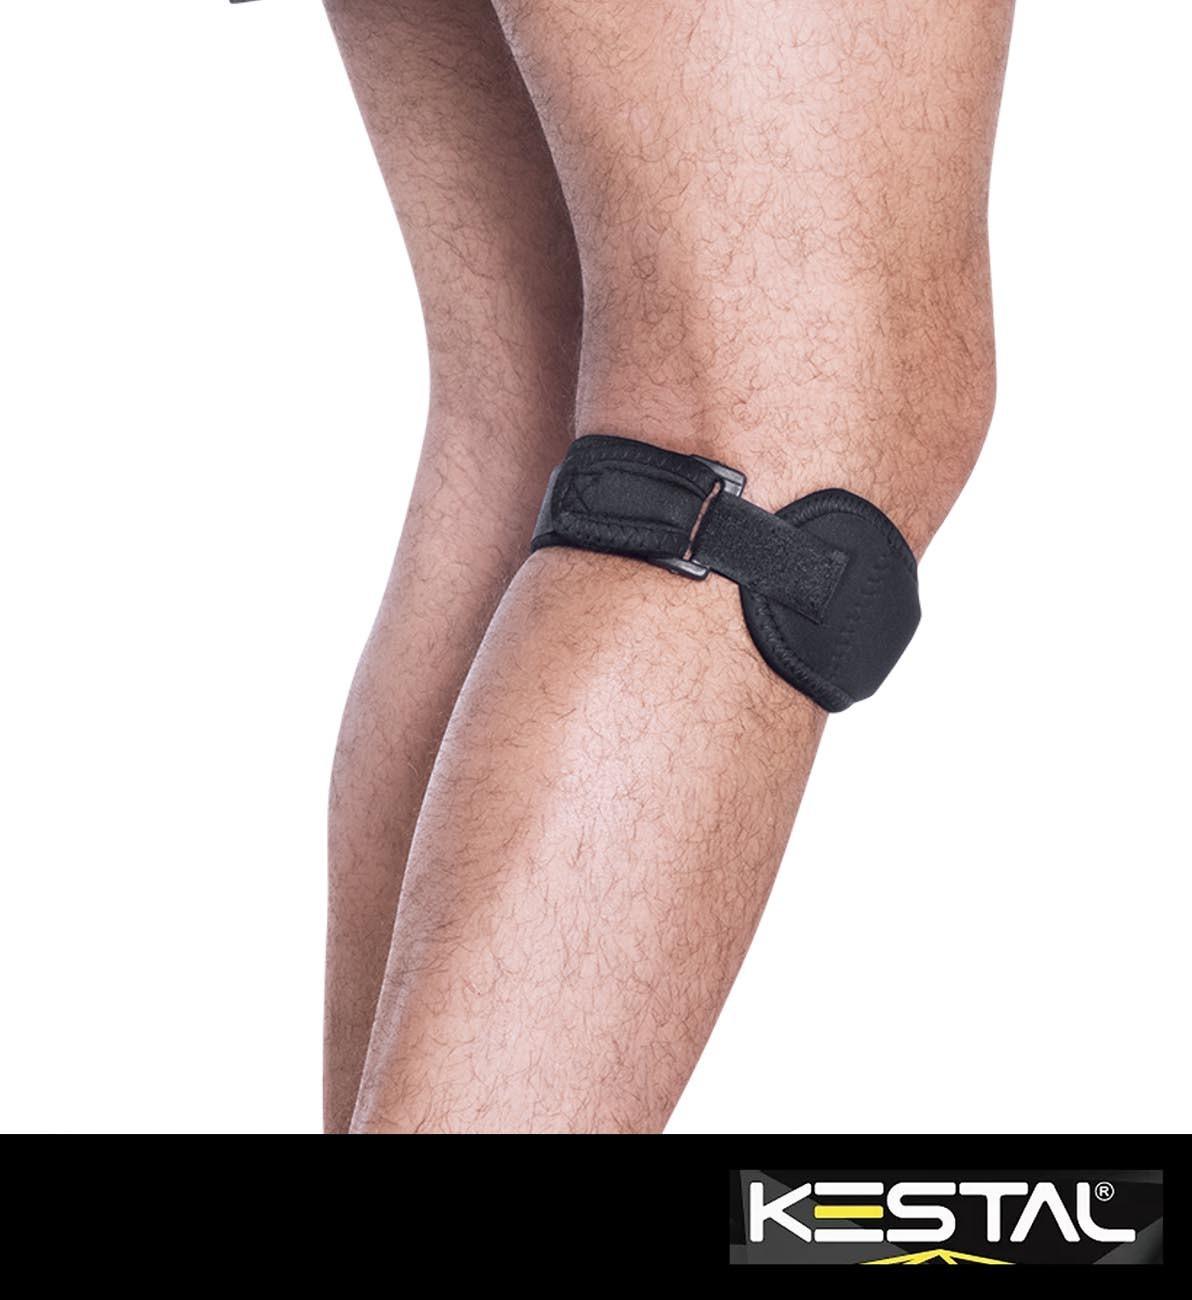 Suporte Sub Patelar (KSN006) - Kestal